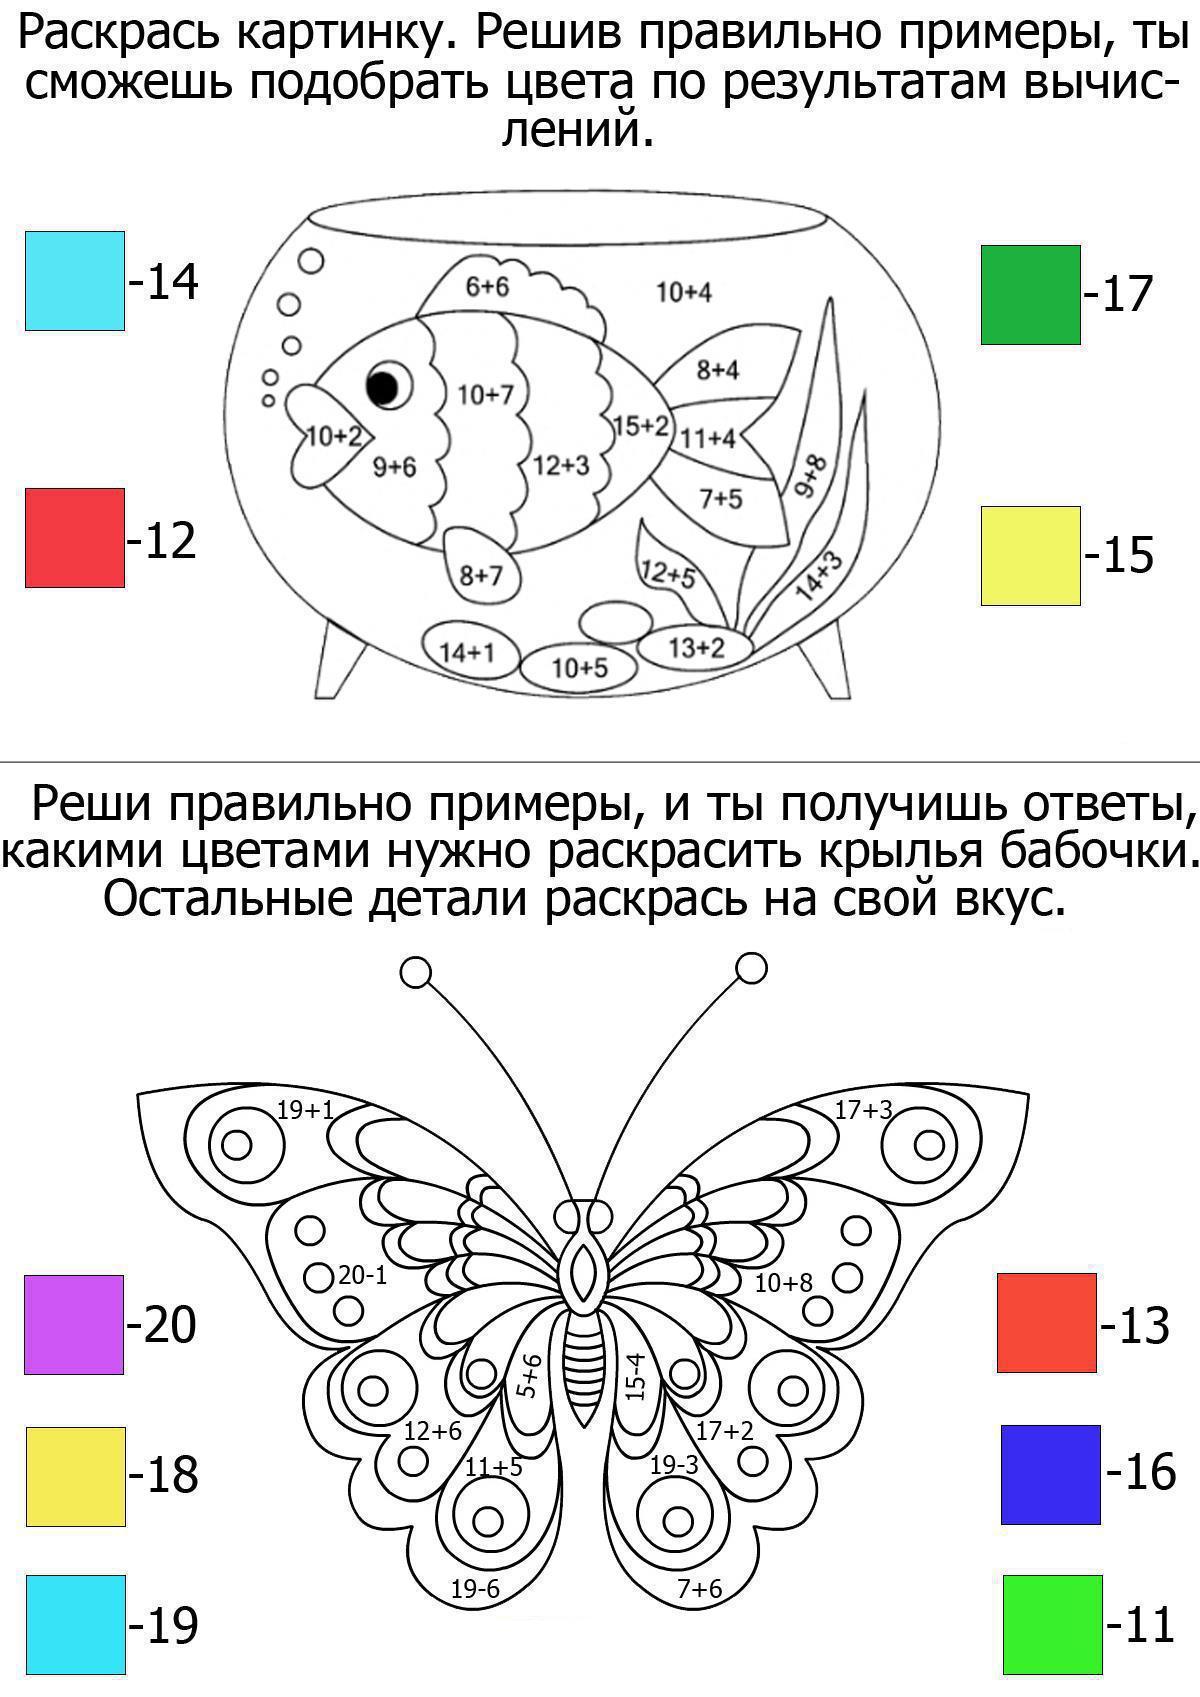 Раскраски счет, карточки по математике, рыбка в аквариуме, бабочка